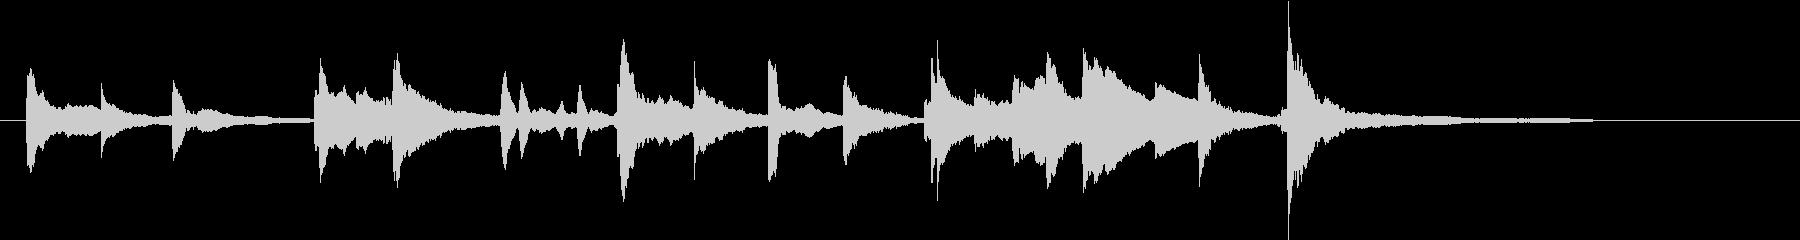 ピアノのオープニングタイトルジングルの未再生の波形